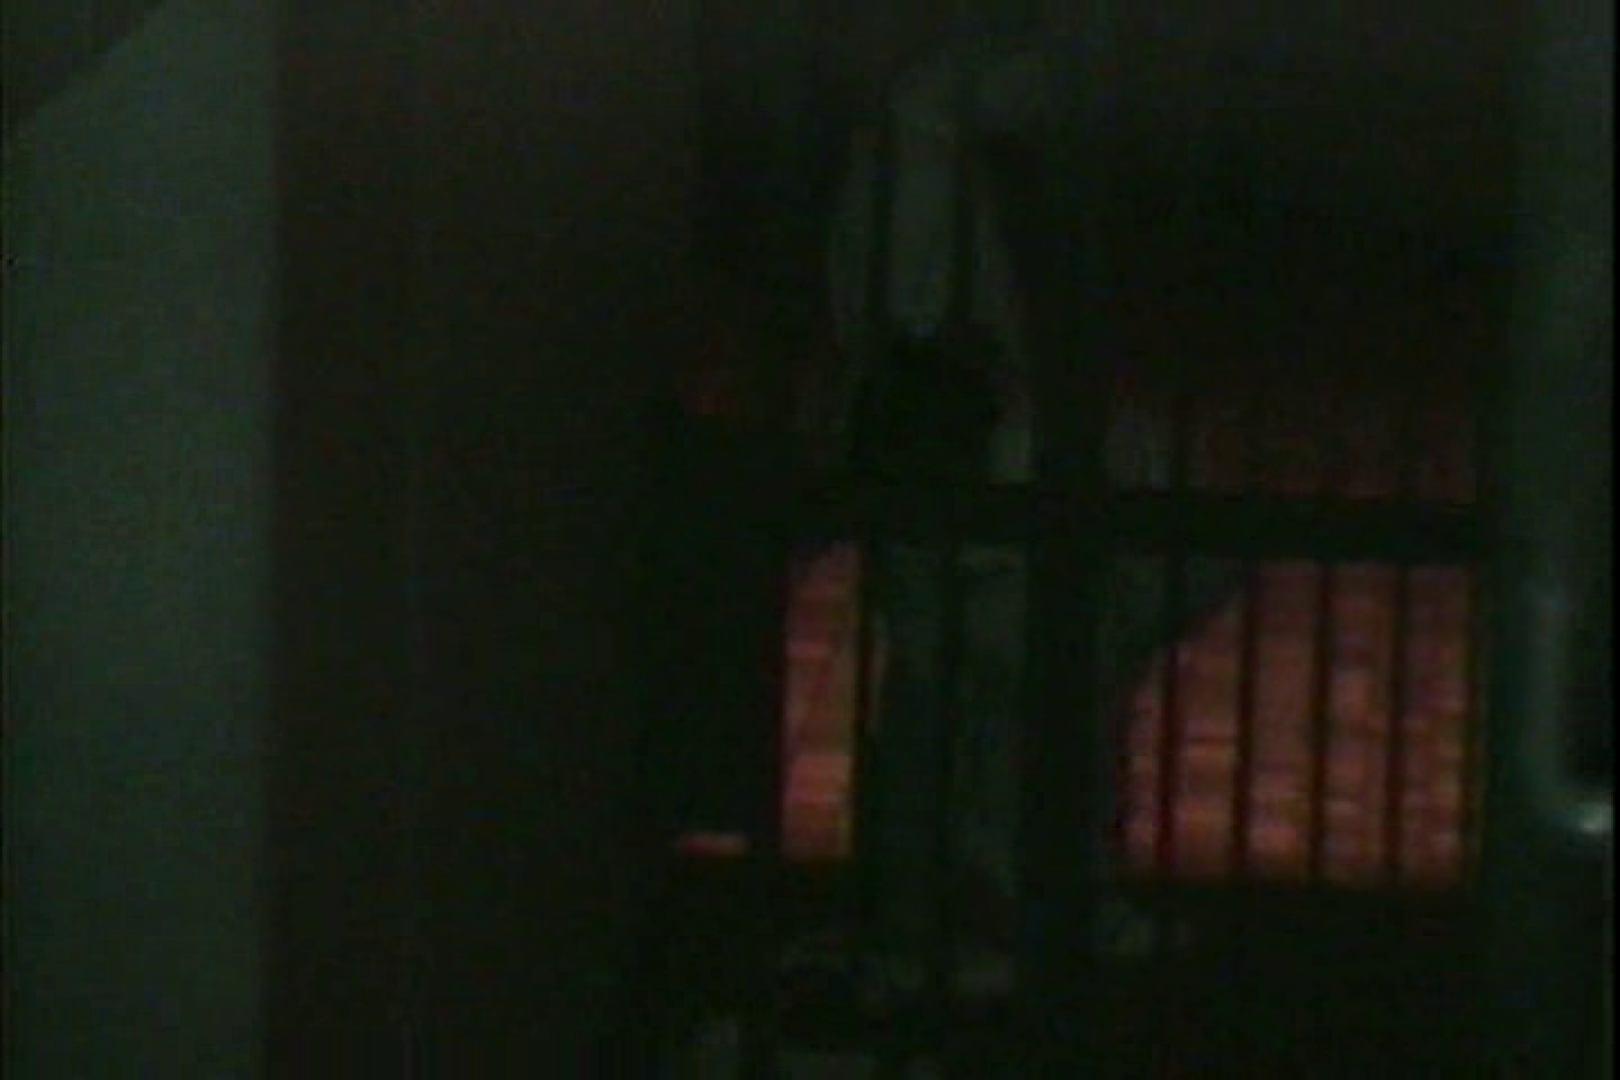 闇の仕掛け人 無修正版 Vol.19 美しいOLの裸体 アダルト動画キャプチャ 106pic 71